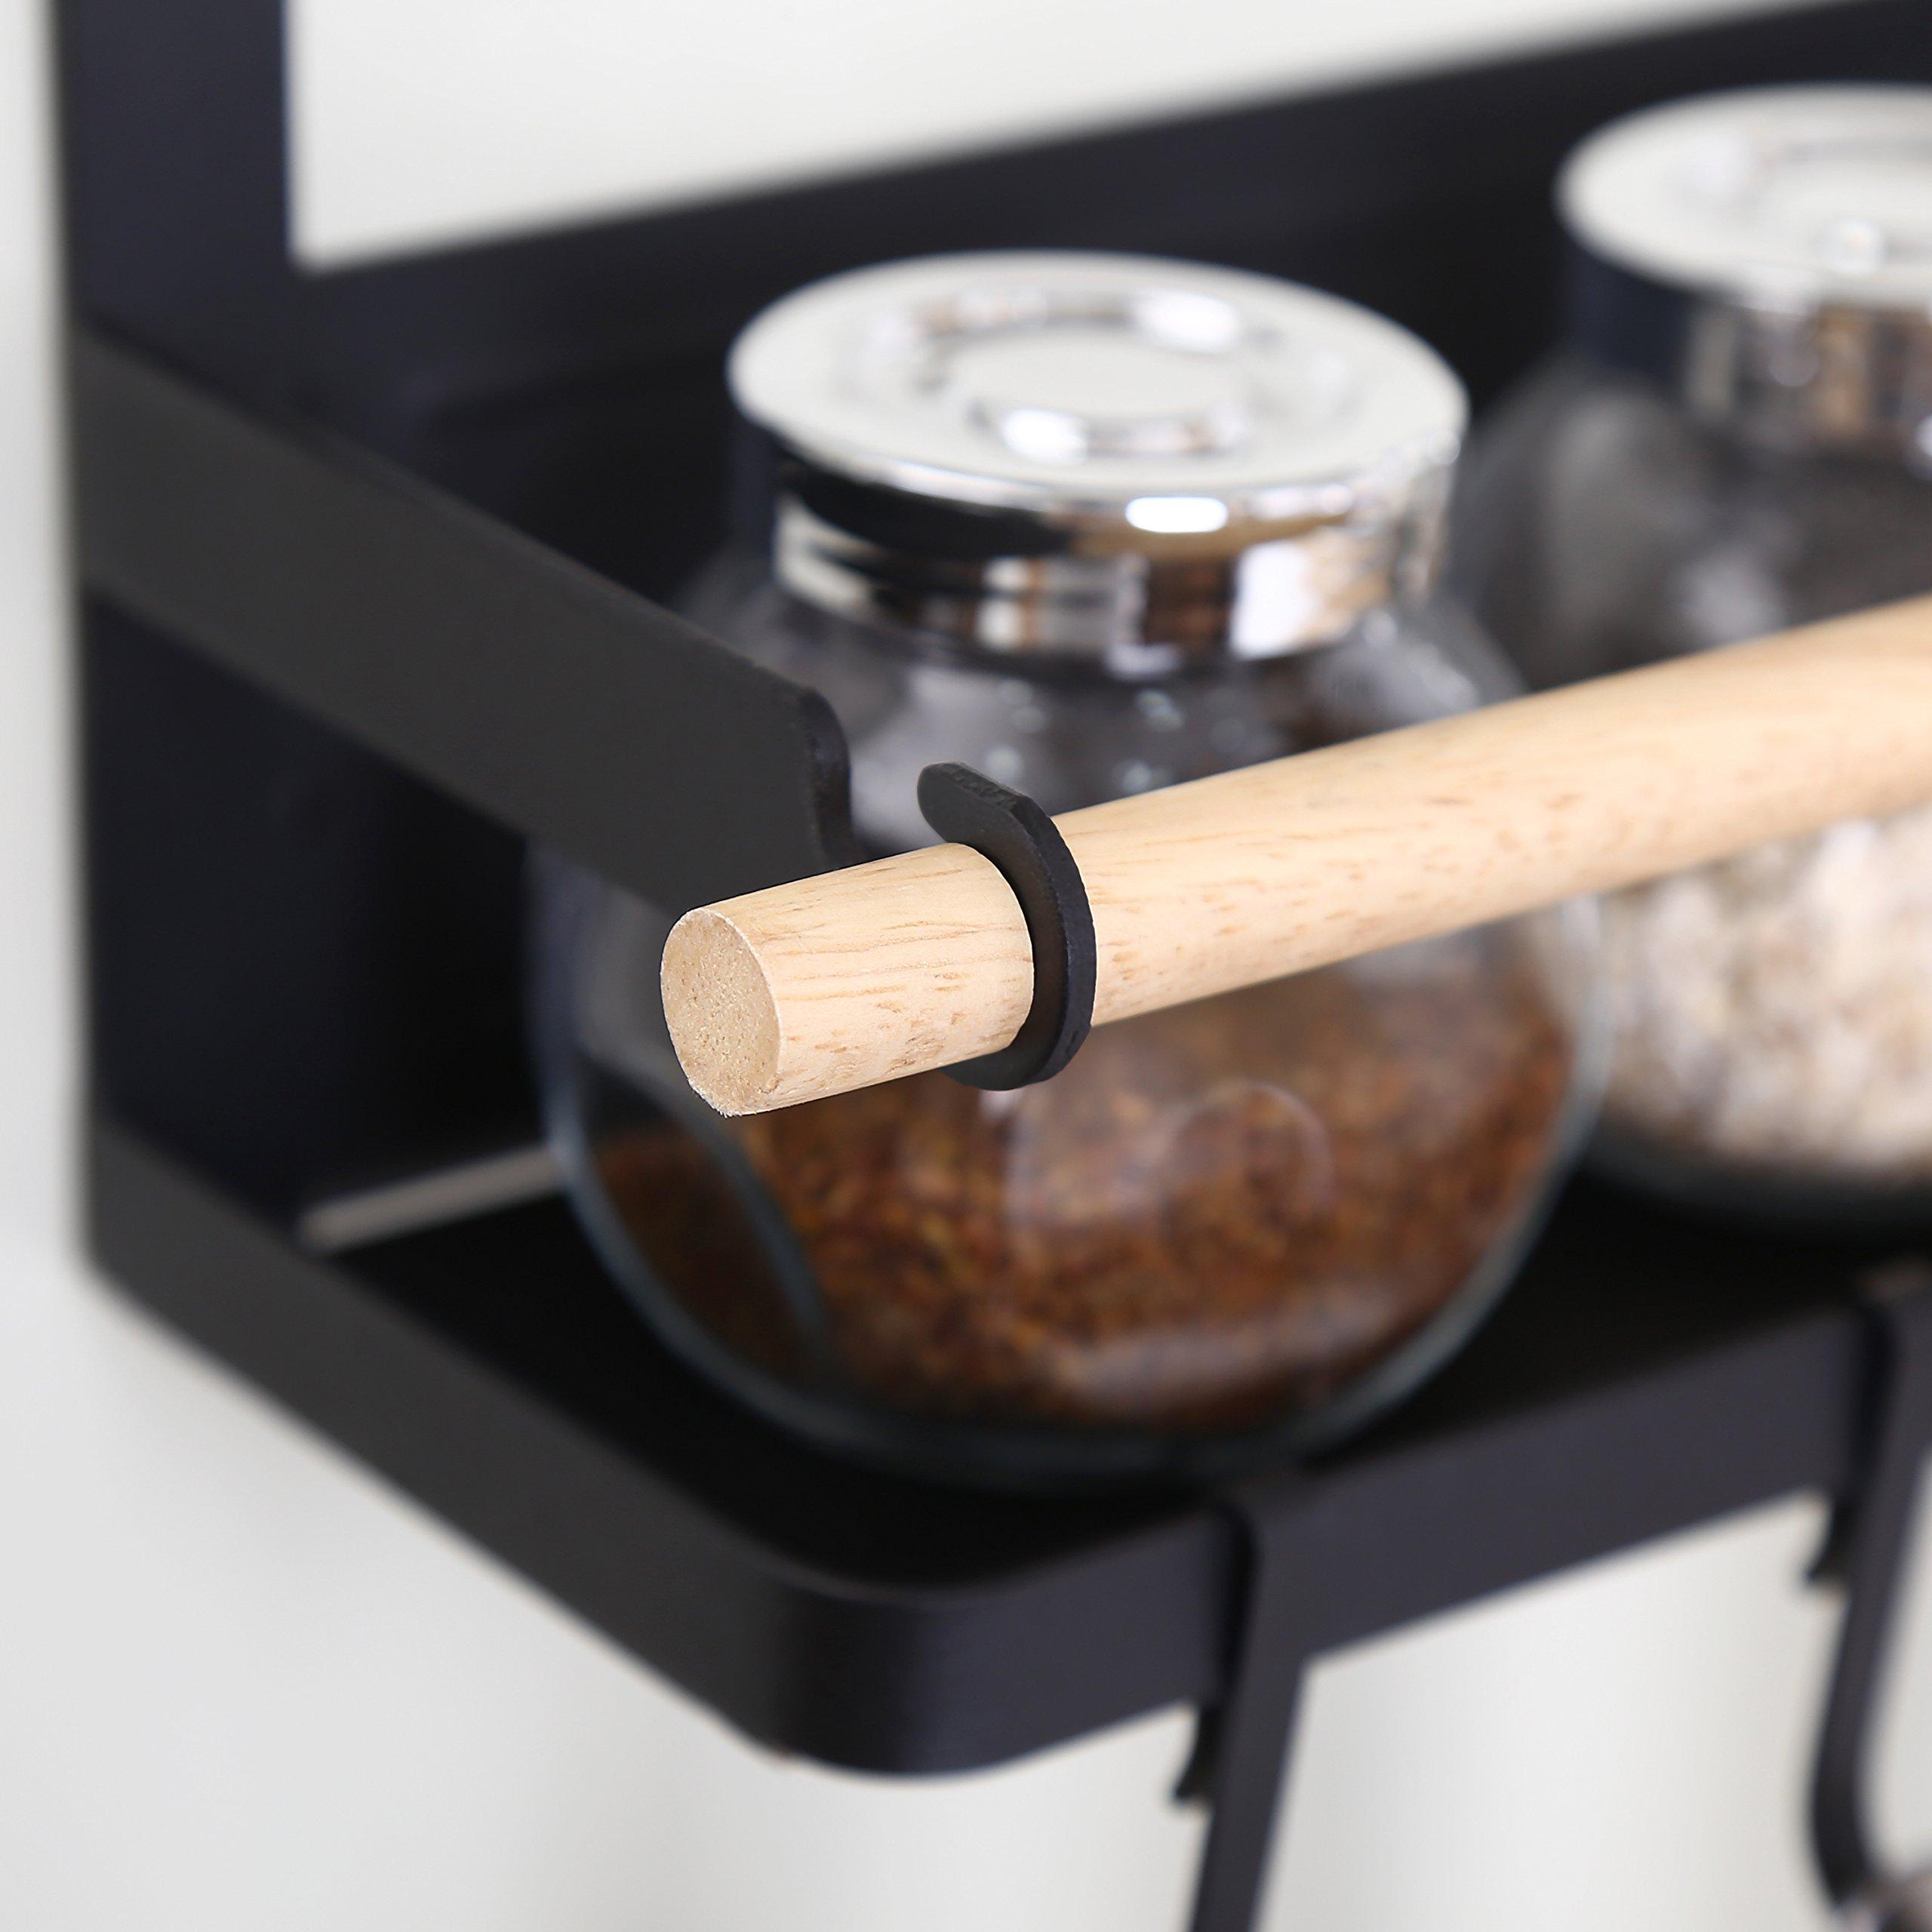 kitchen rack fridge magnetic organizer 2018 new design paper towel holder 190835726401 ebay. Black Bedroom Furniture Sets. Home Design Ideas